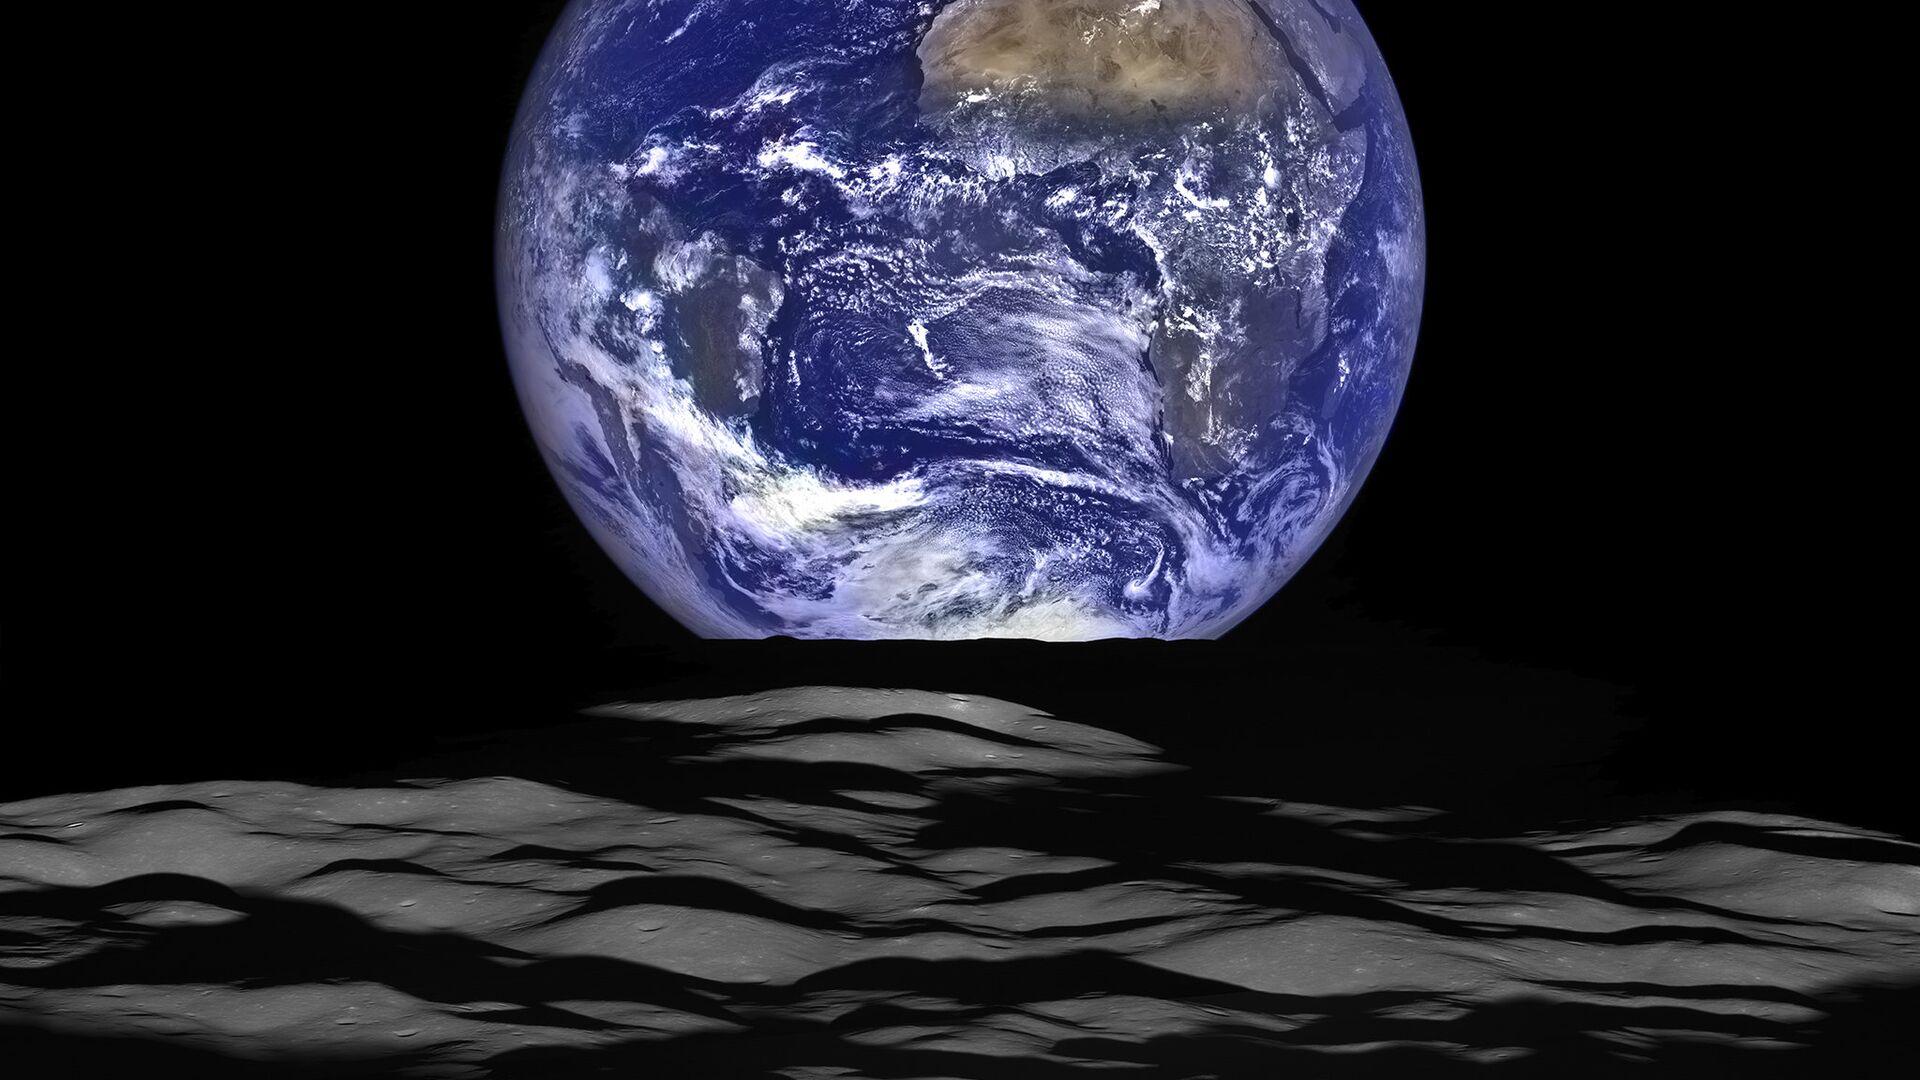 Снимок планеты Земля с орбиты Луны - РИА Новости, 1920, 25.11.2020